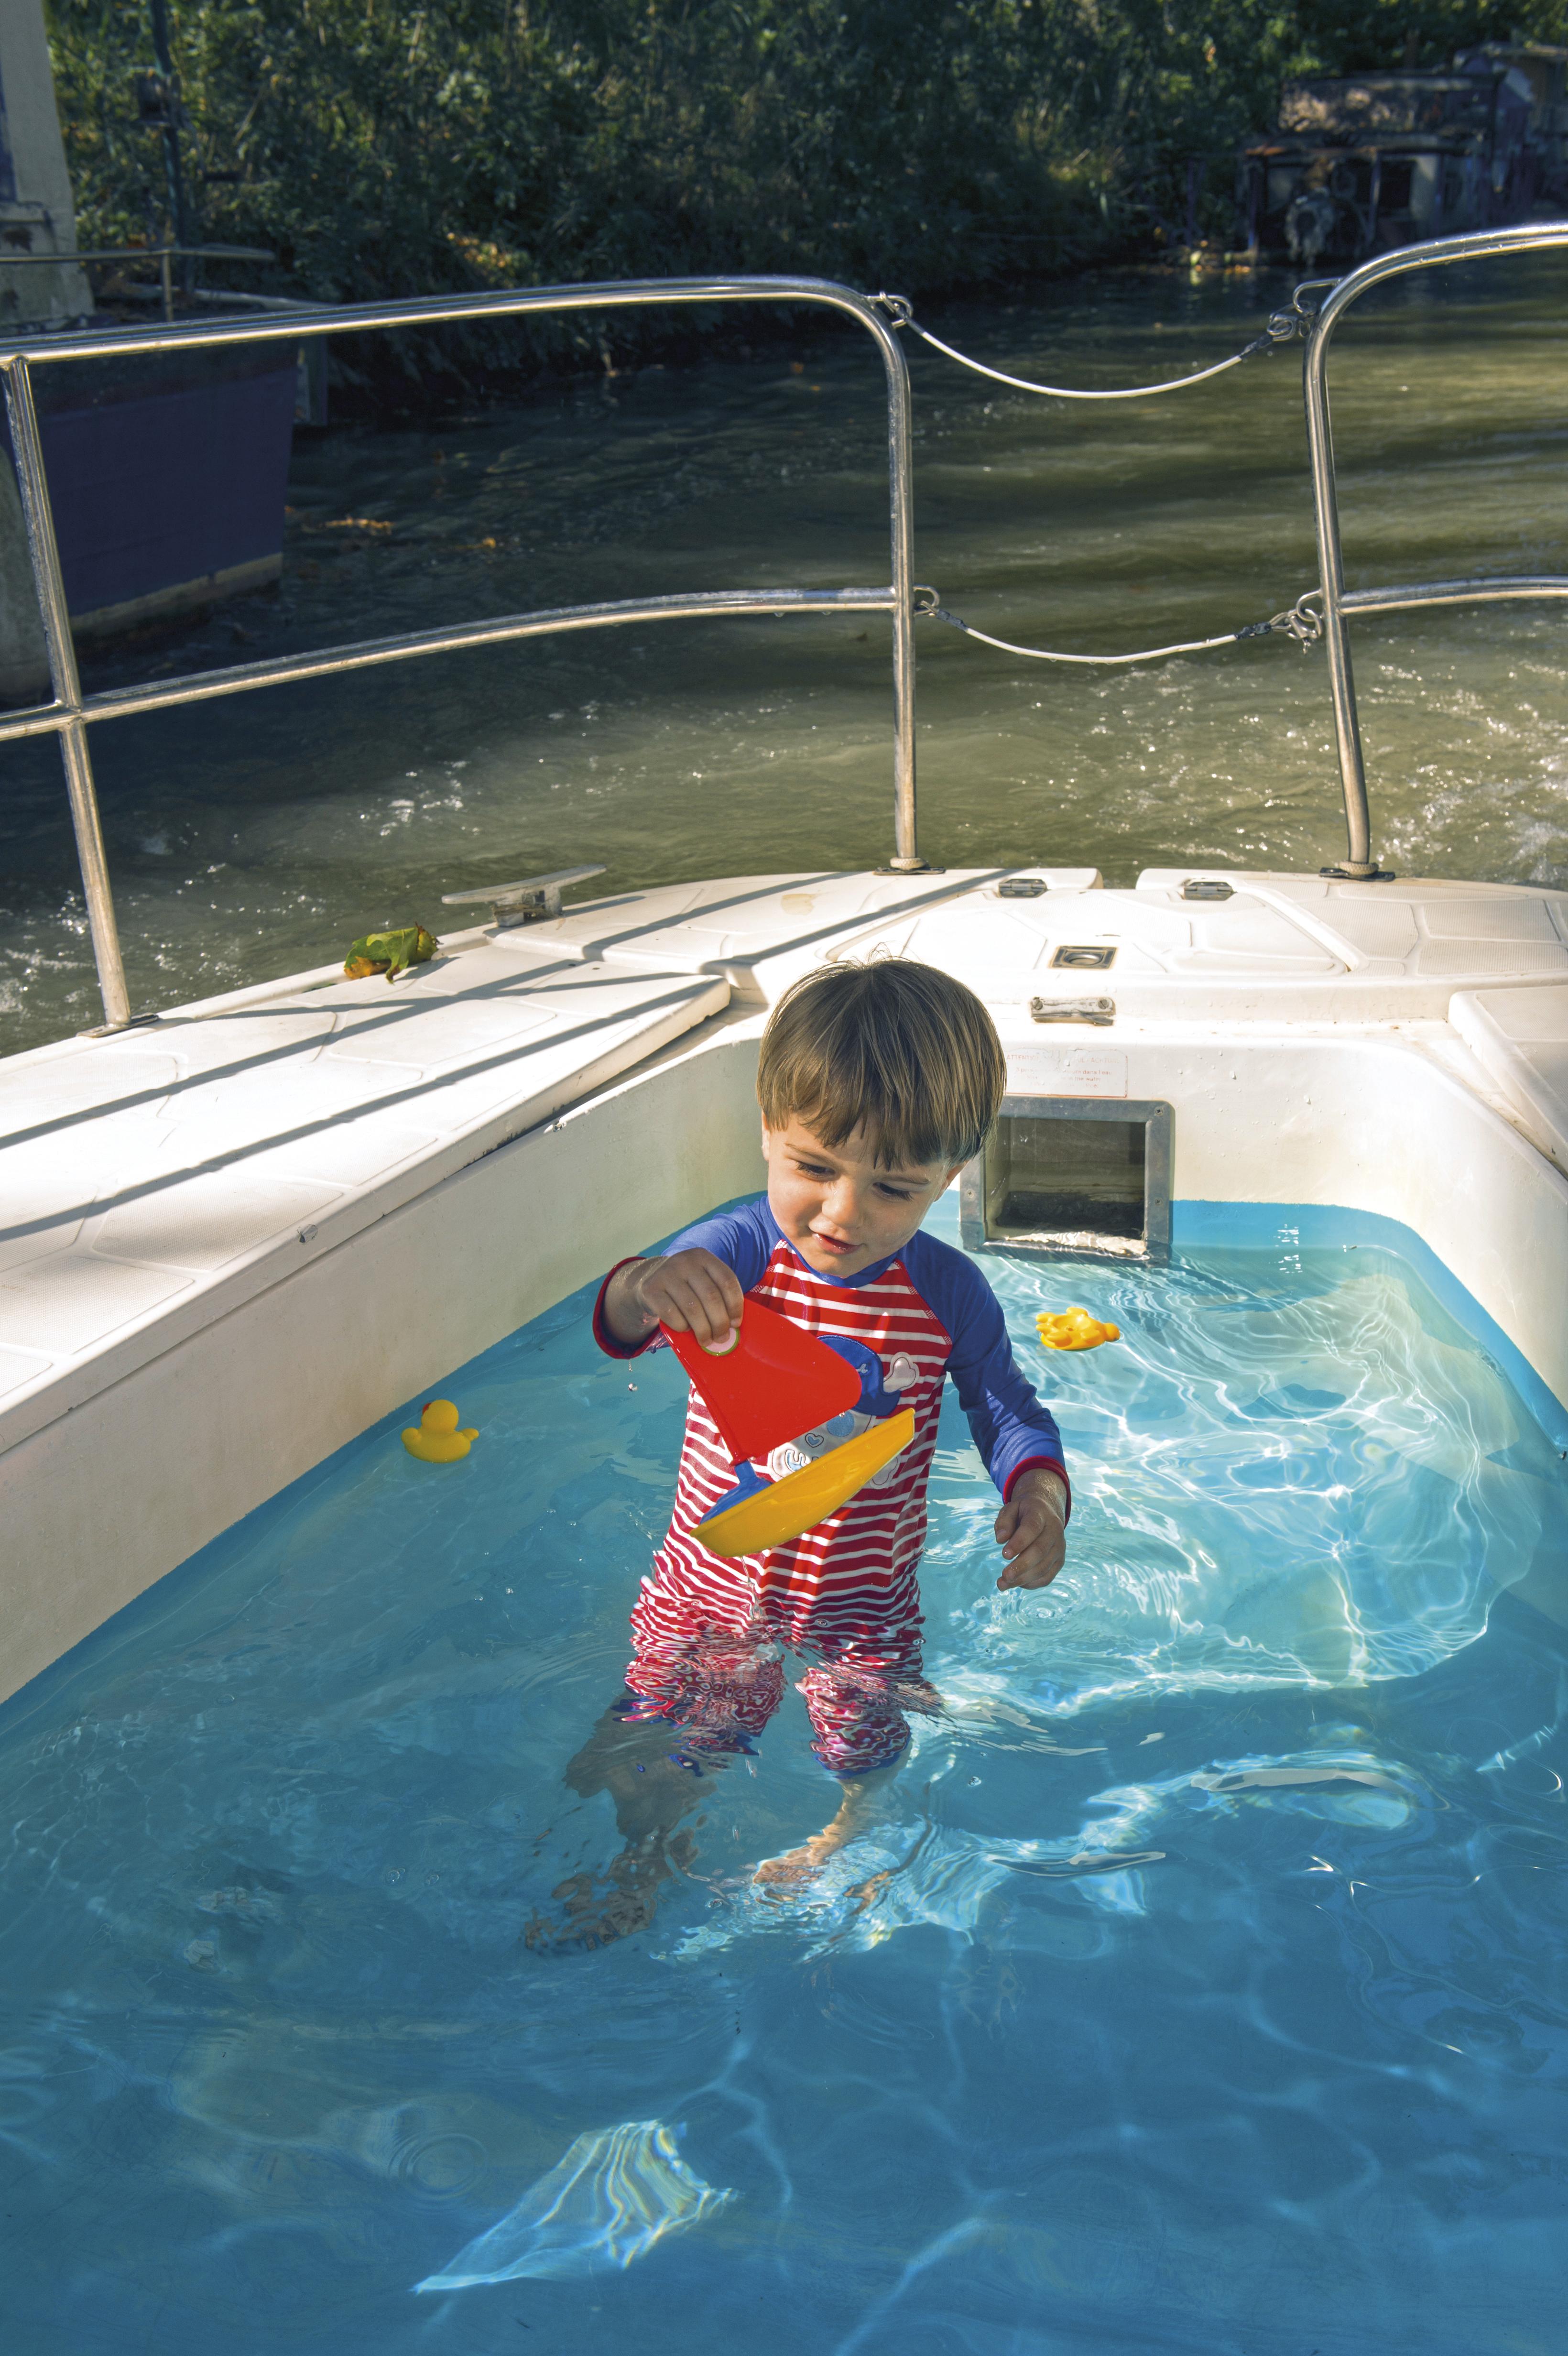 piscine nicols enfant charente sireuil intercroisieres.jpg